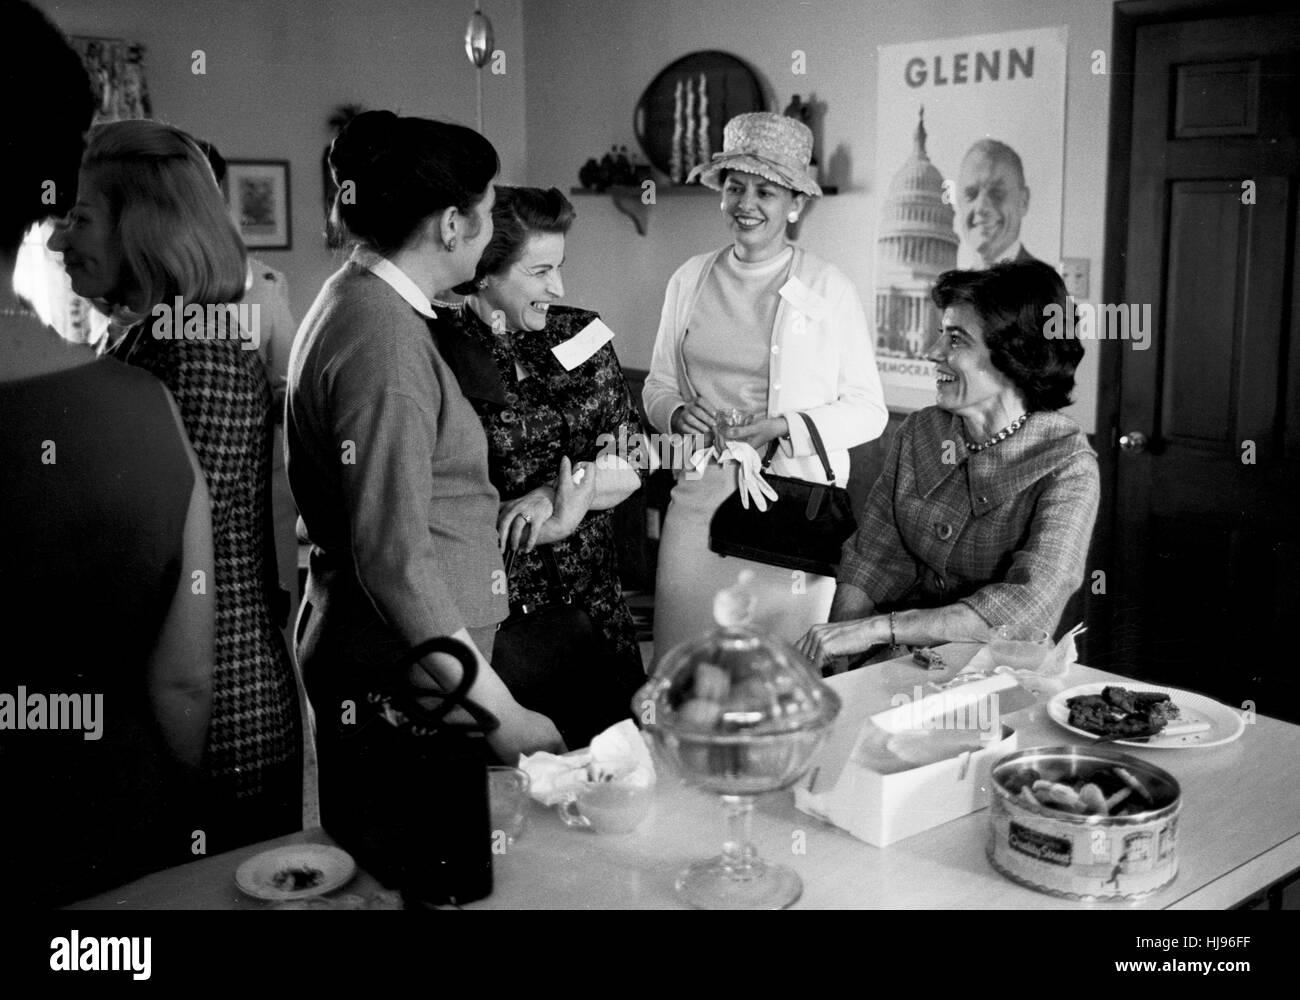 Annie Glenn, derecho, haciendo campaña a favor de John Glenn en 1964 Foto de stock